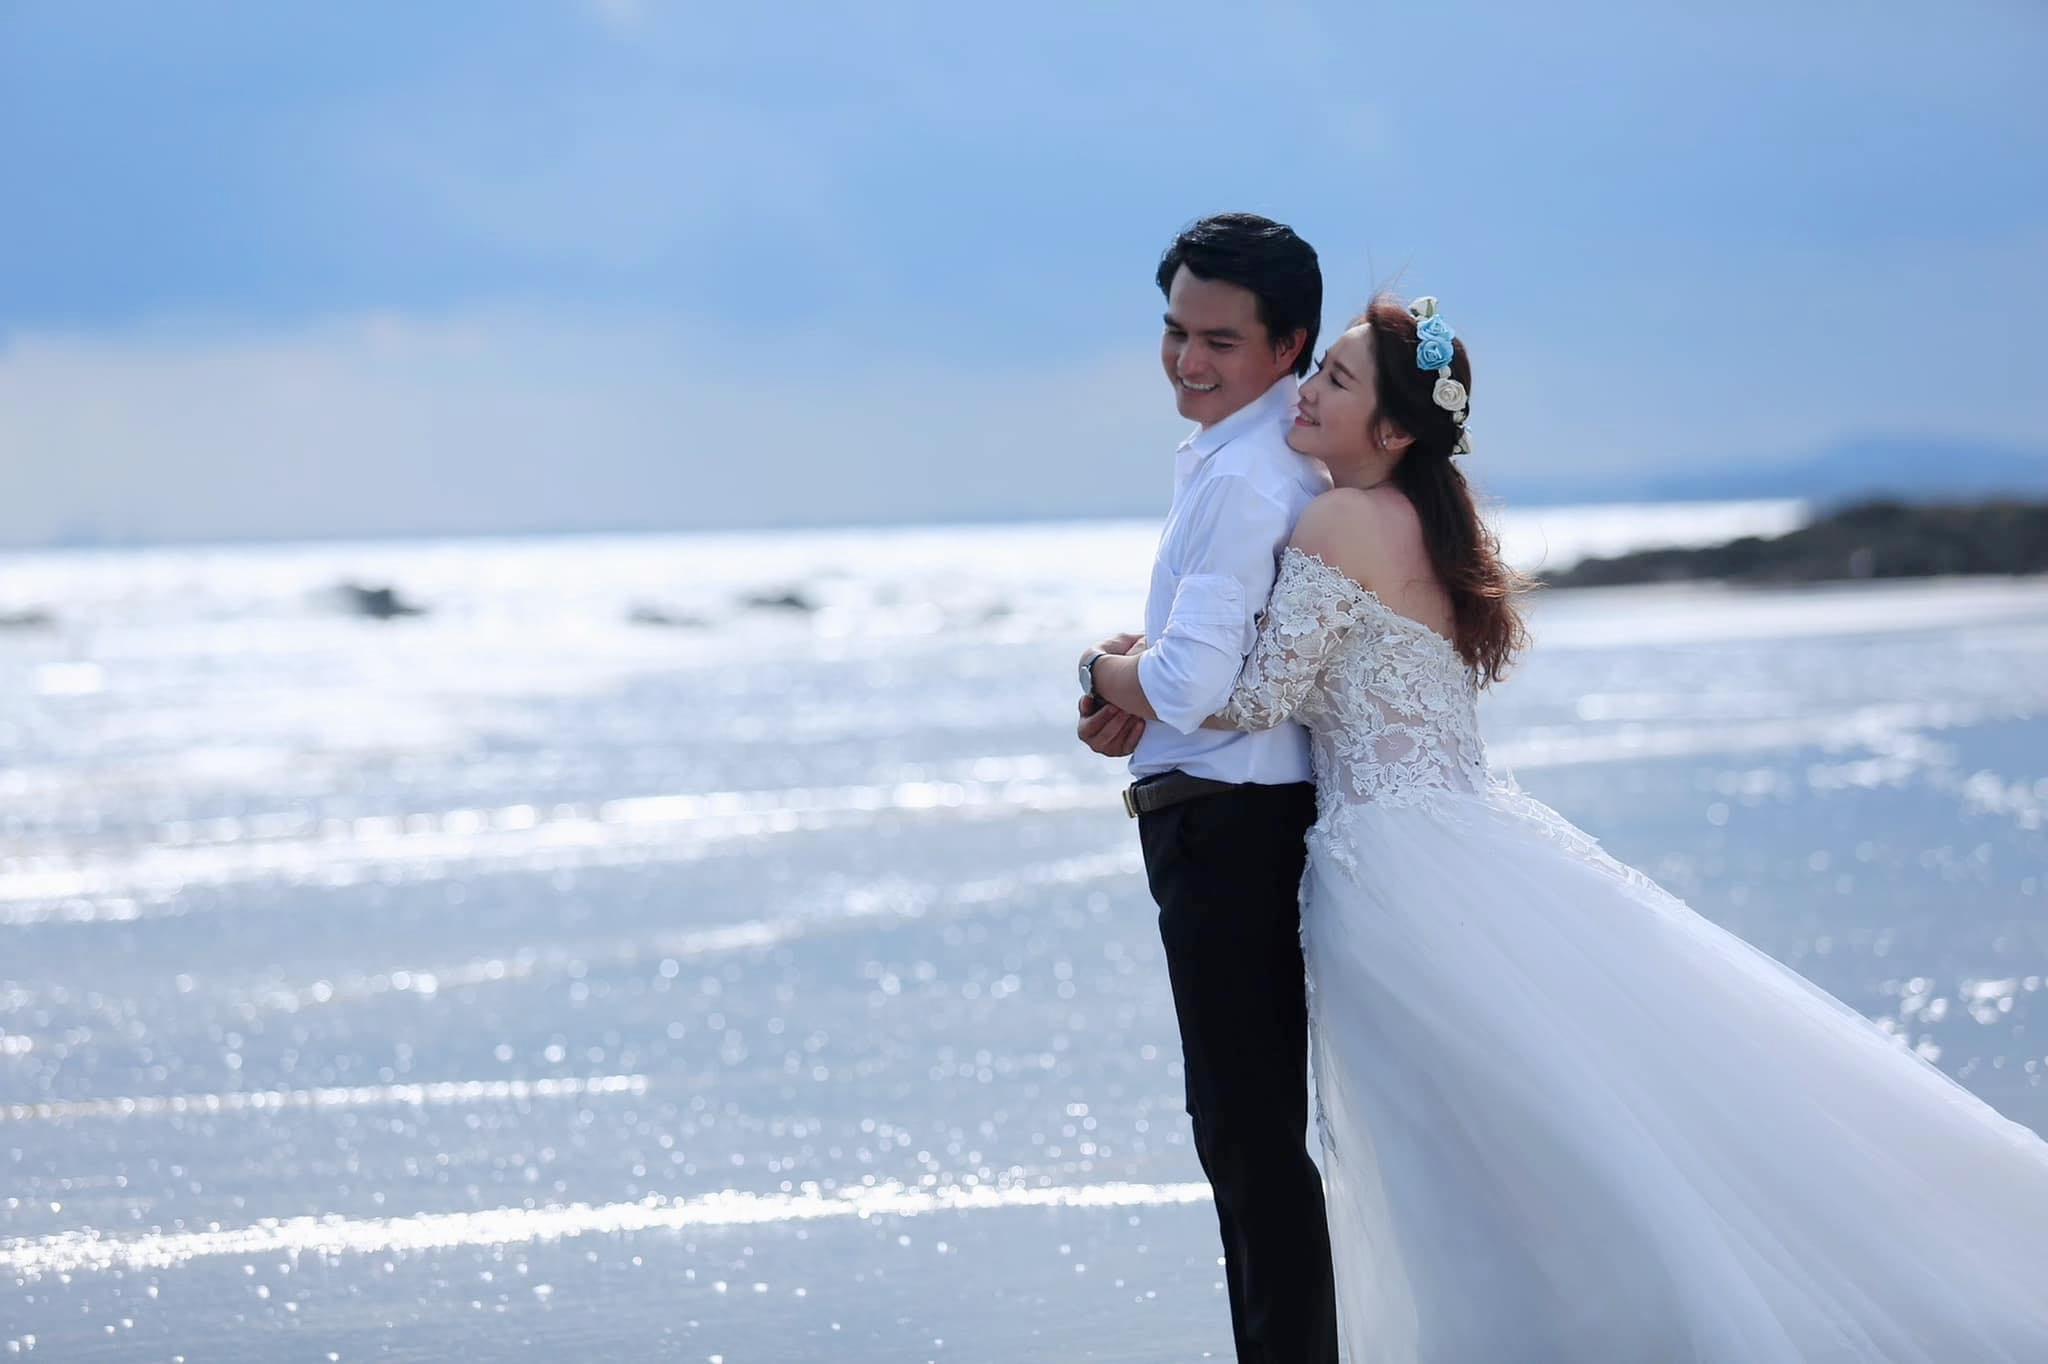 Cao Minh Đạt: 'Tôi nhịn vợ'